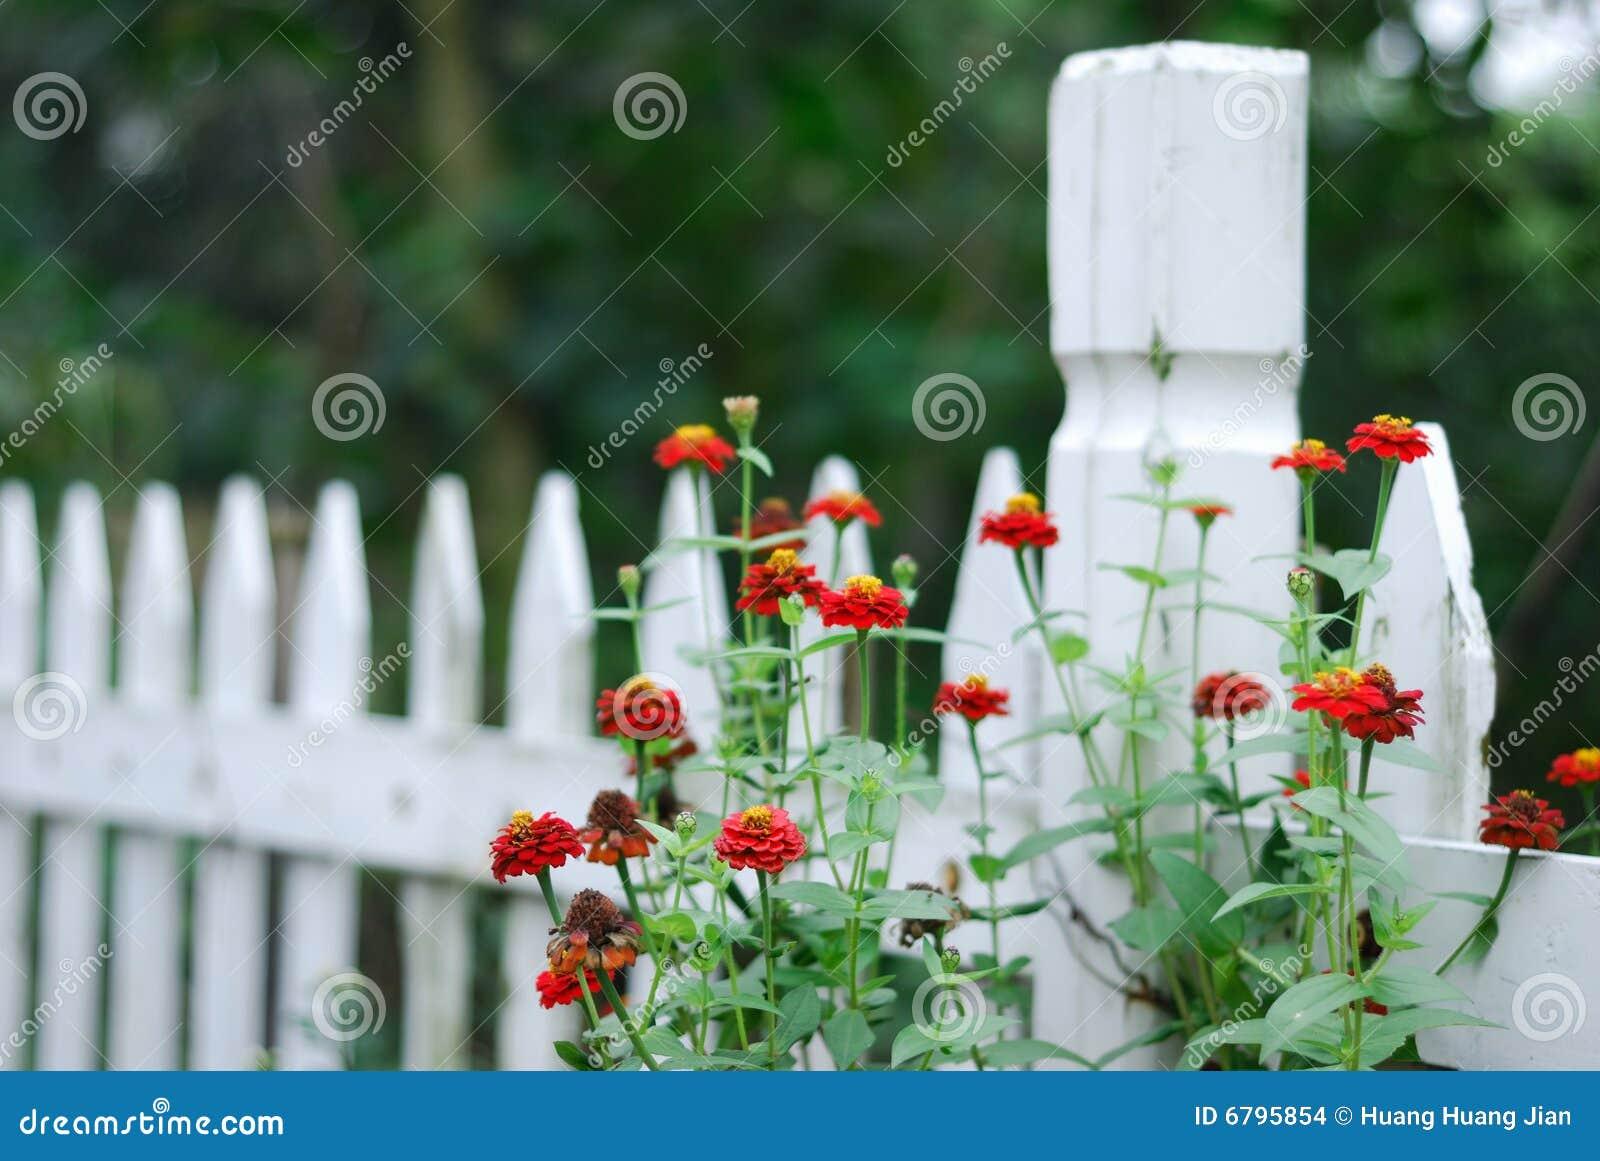 Weißer Gartenzaun Und Zinnias Stockfoto Bild